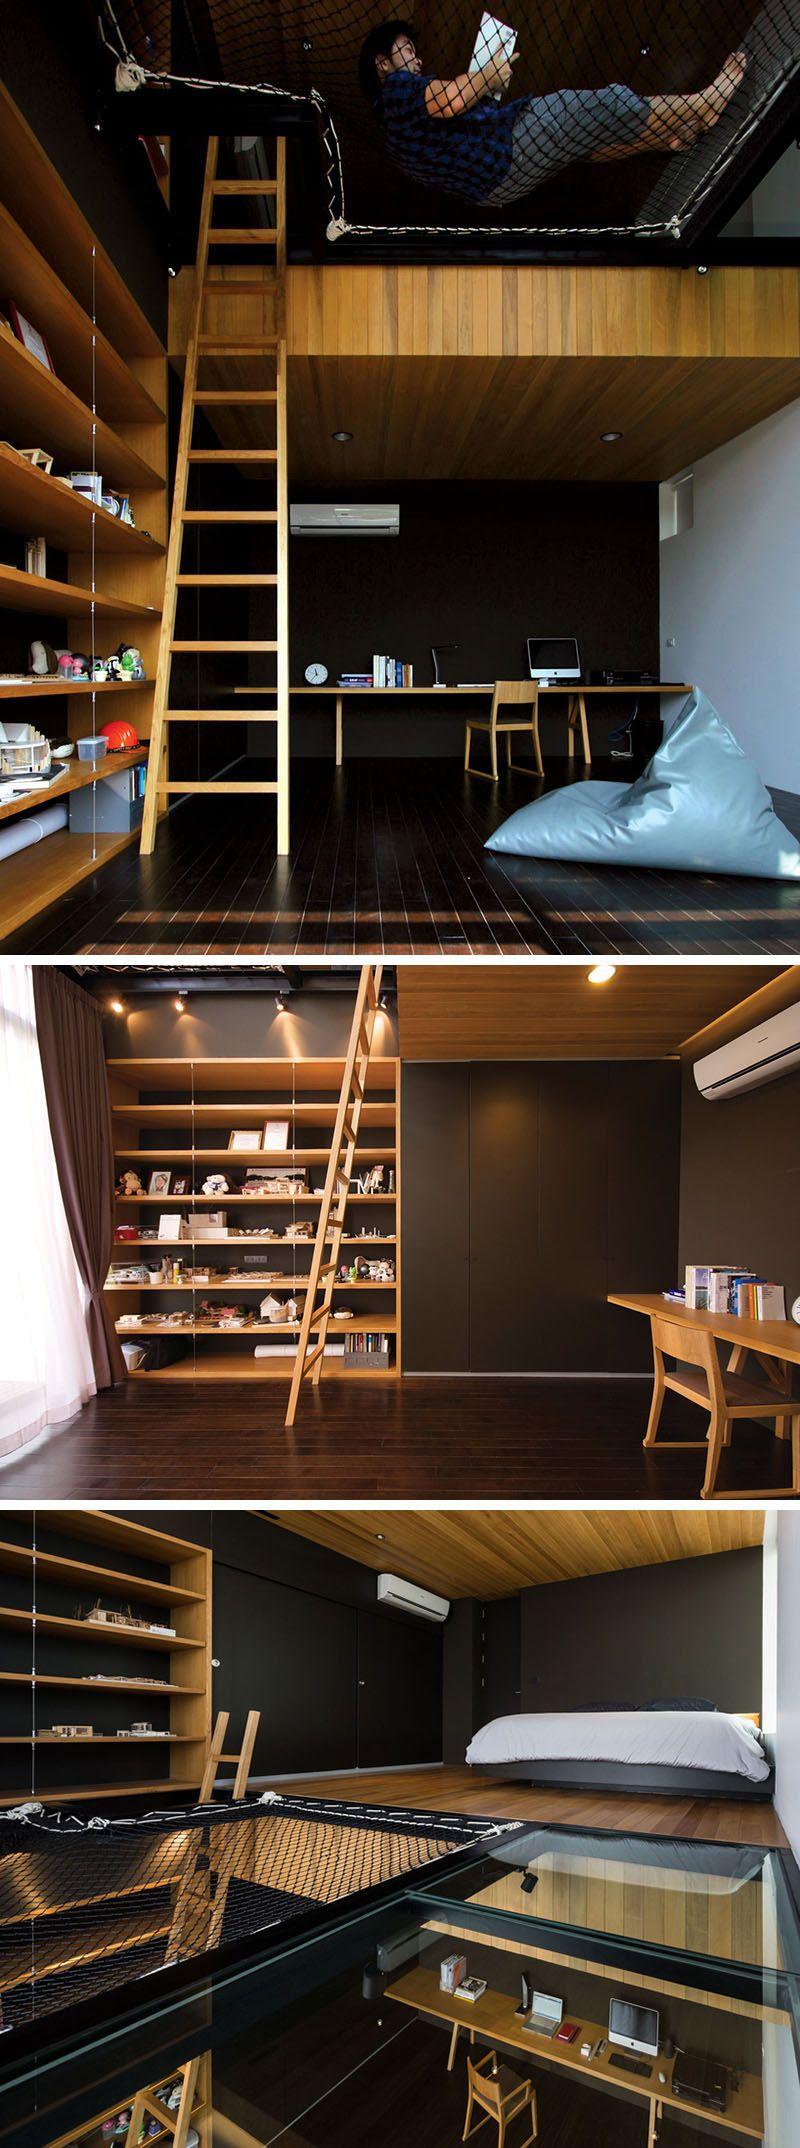 Siatka katamaran anleitungen möbel pinterest large bedroom